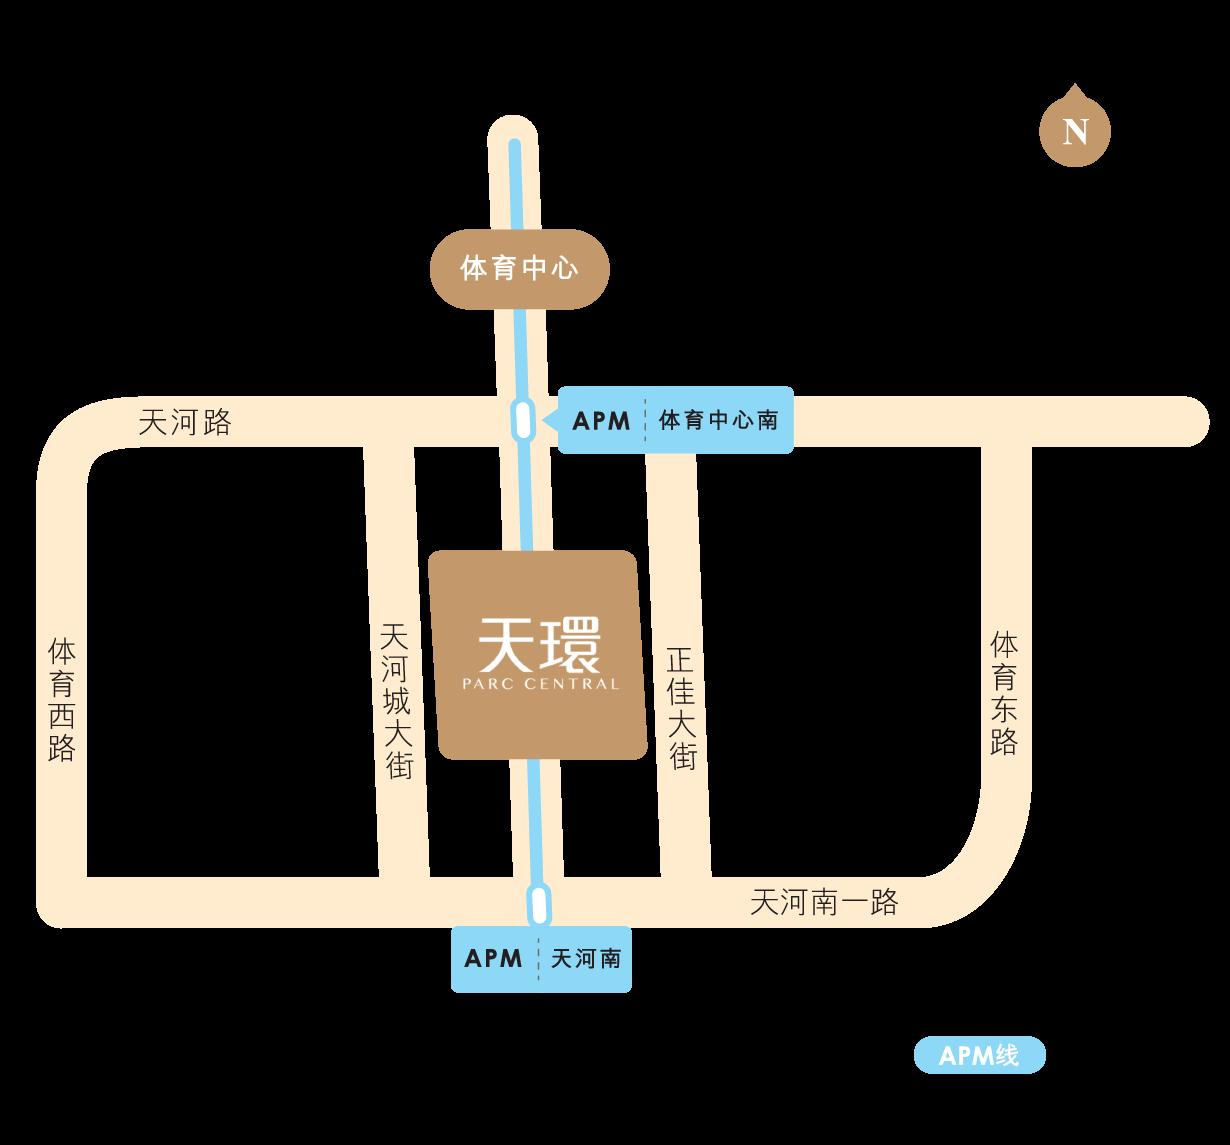 Image of Railway   APM